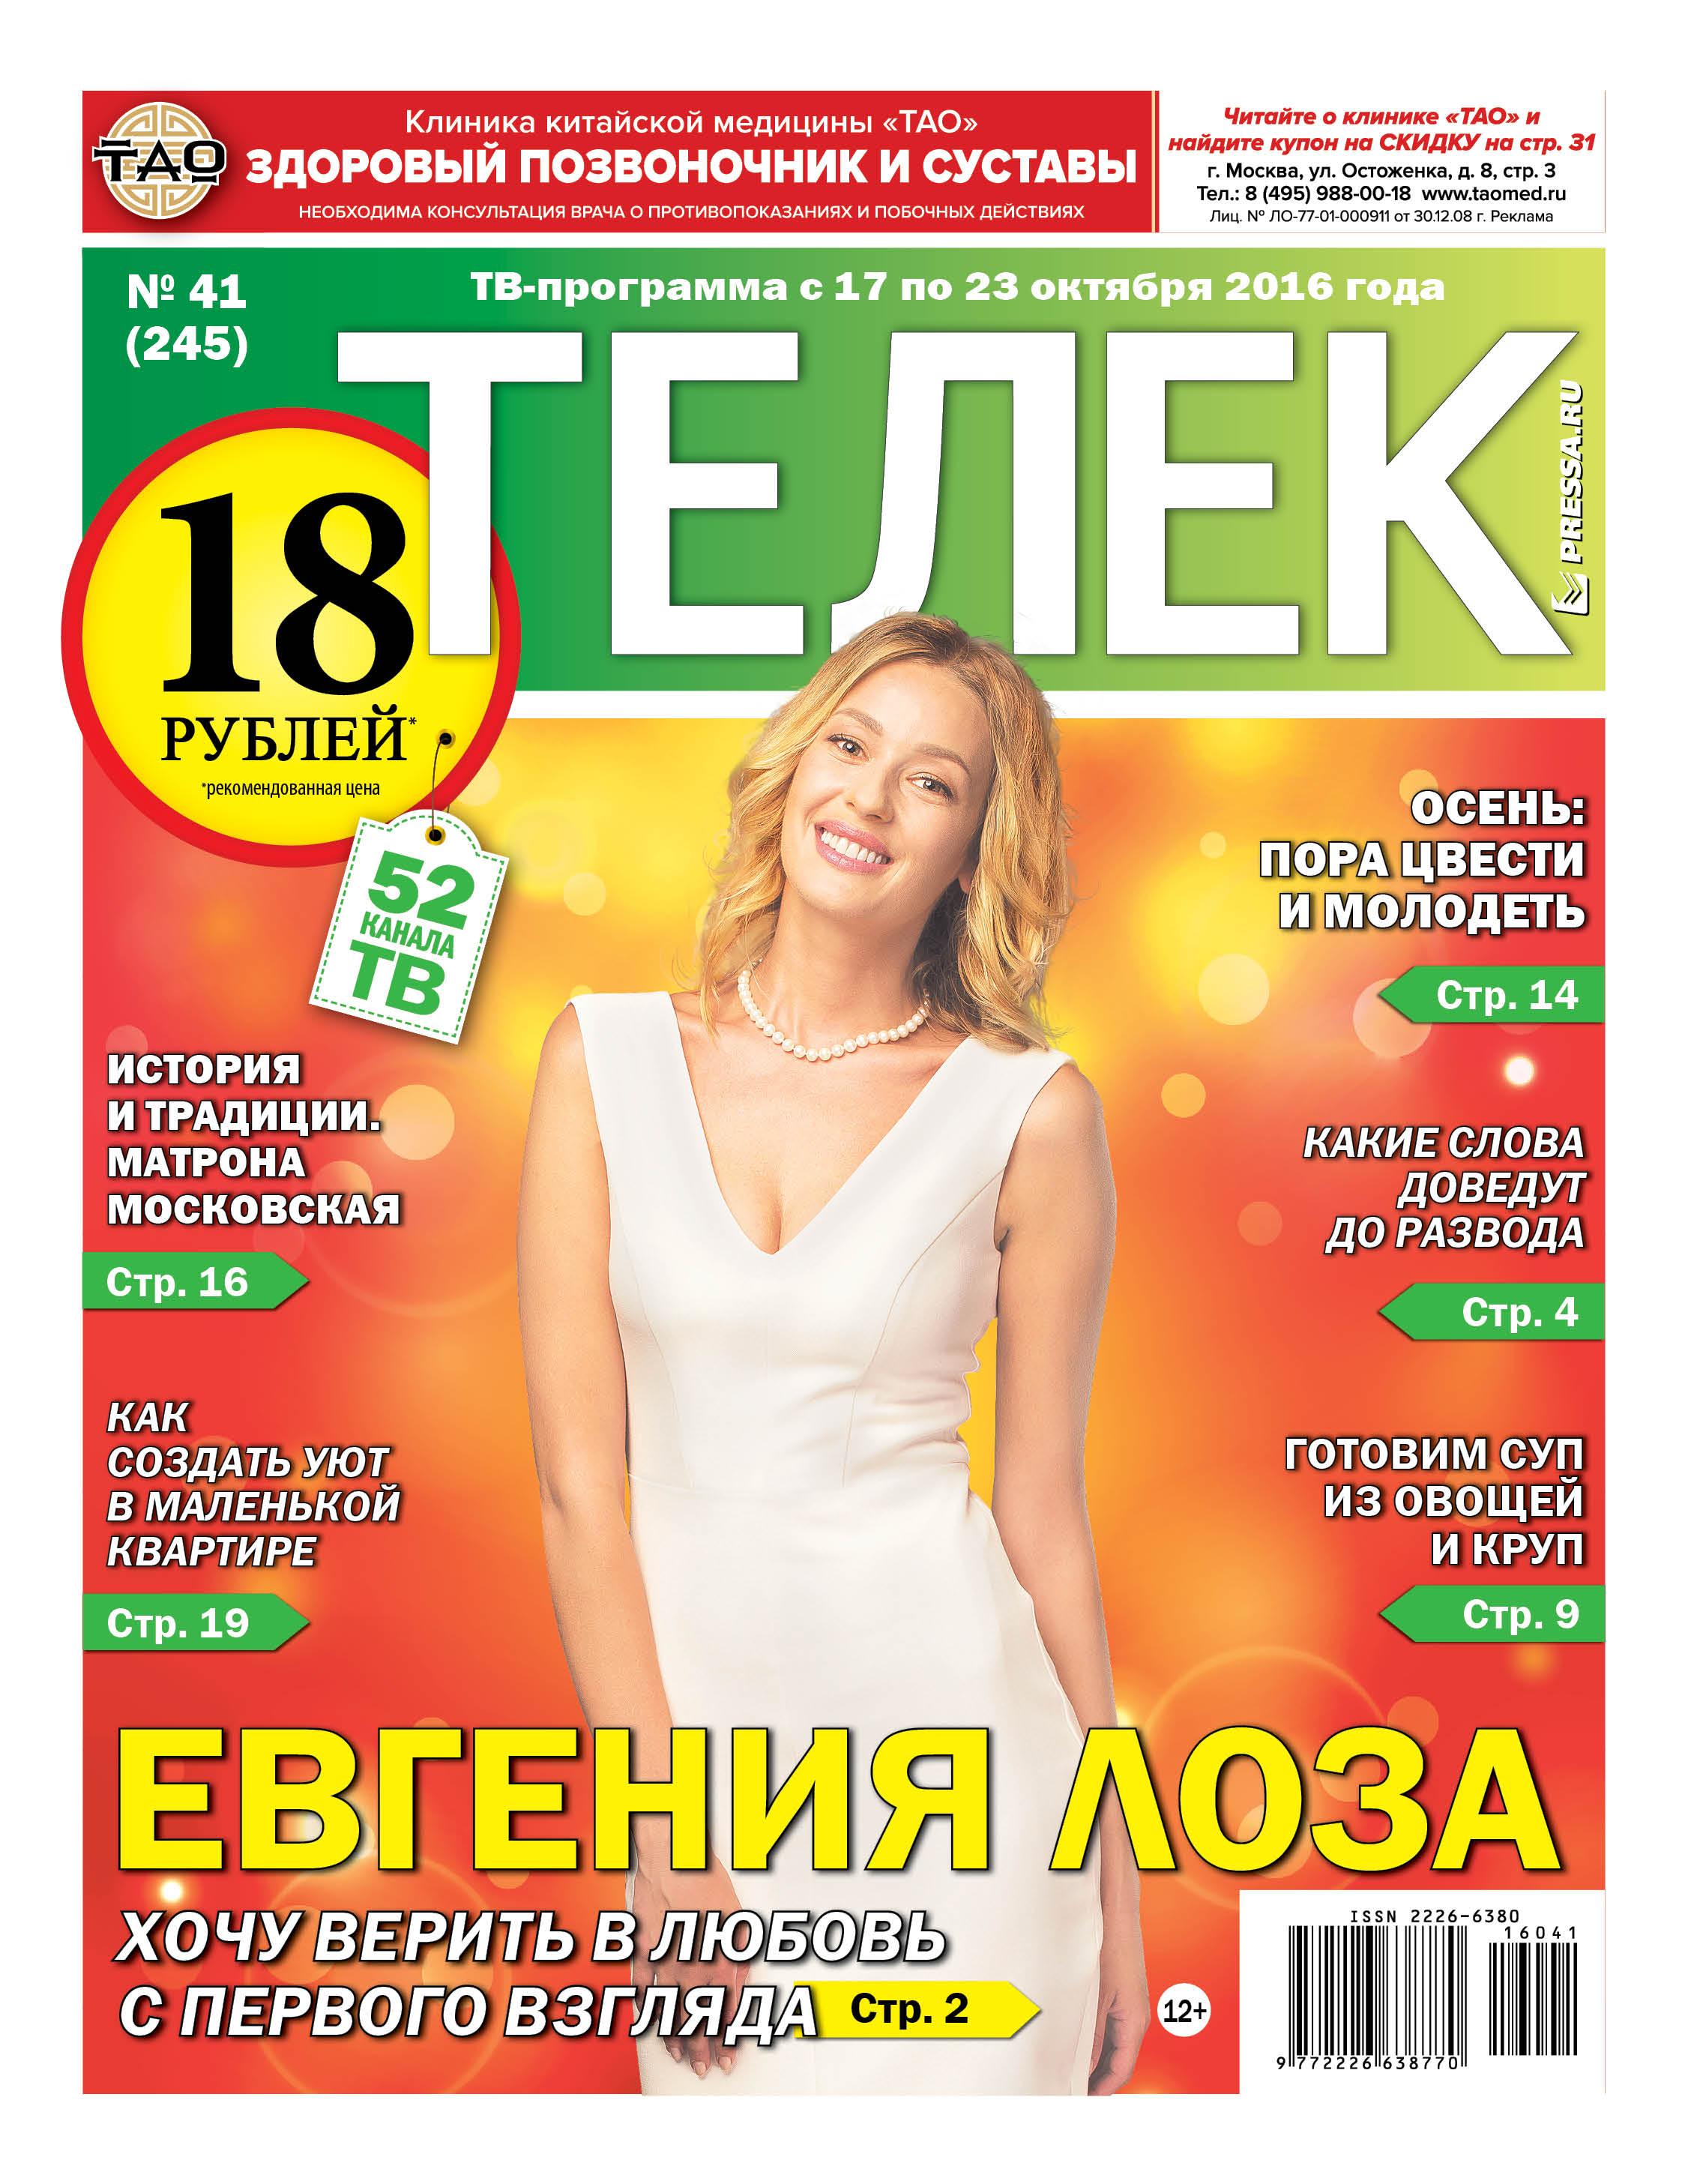 №41 (245) Евгения Лоза